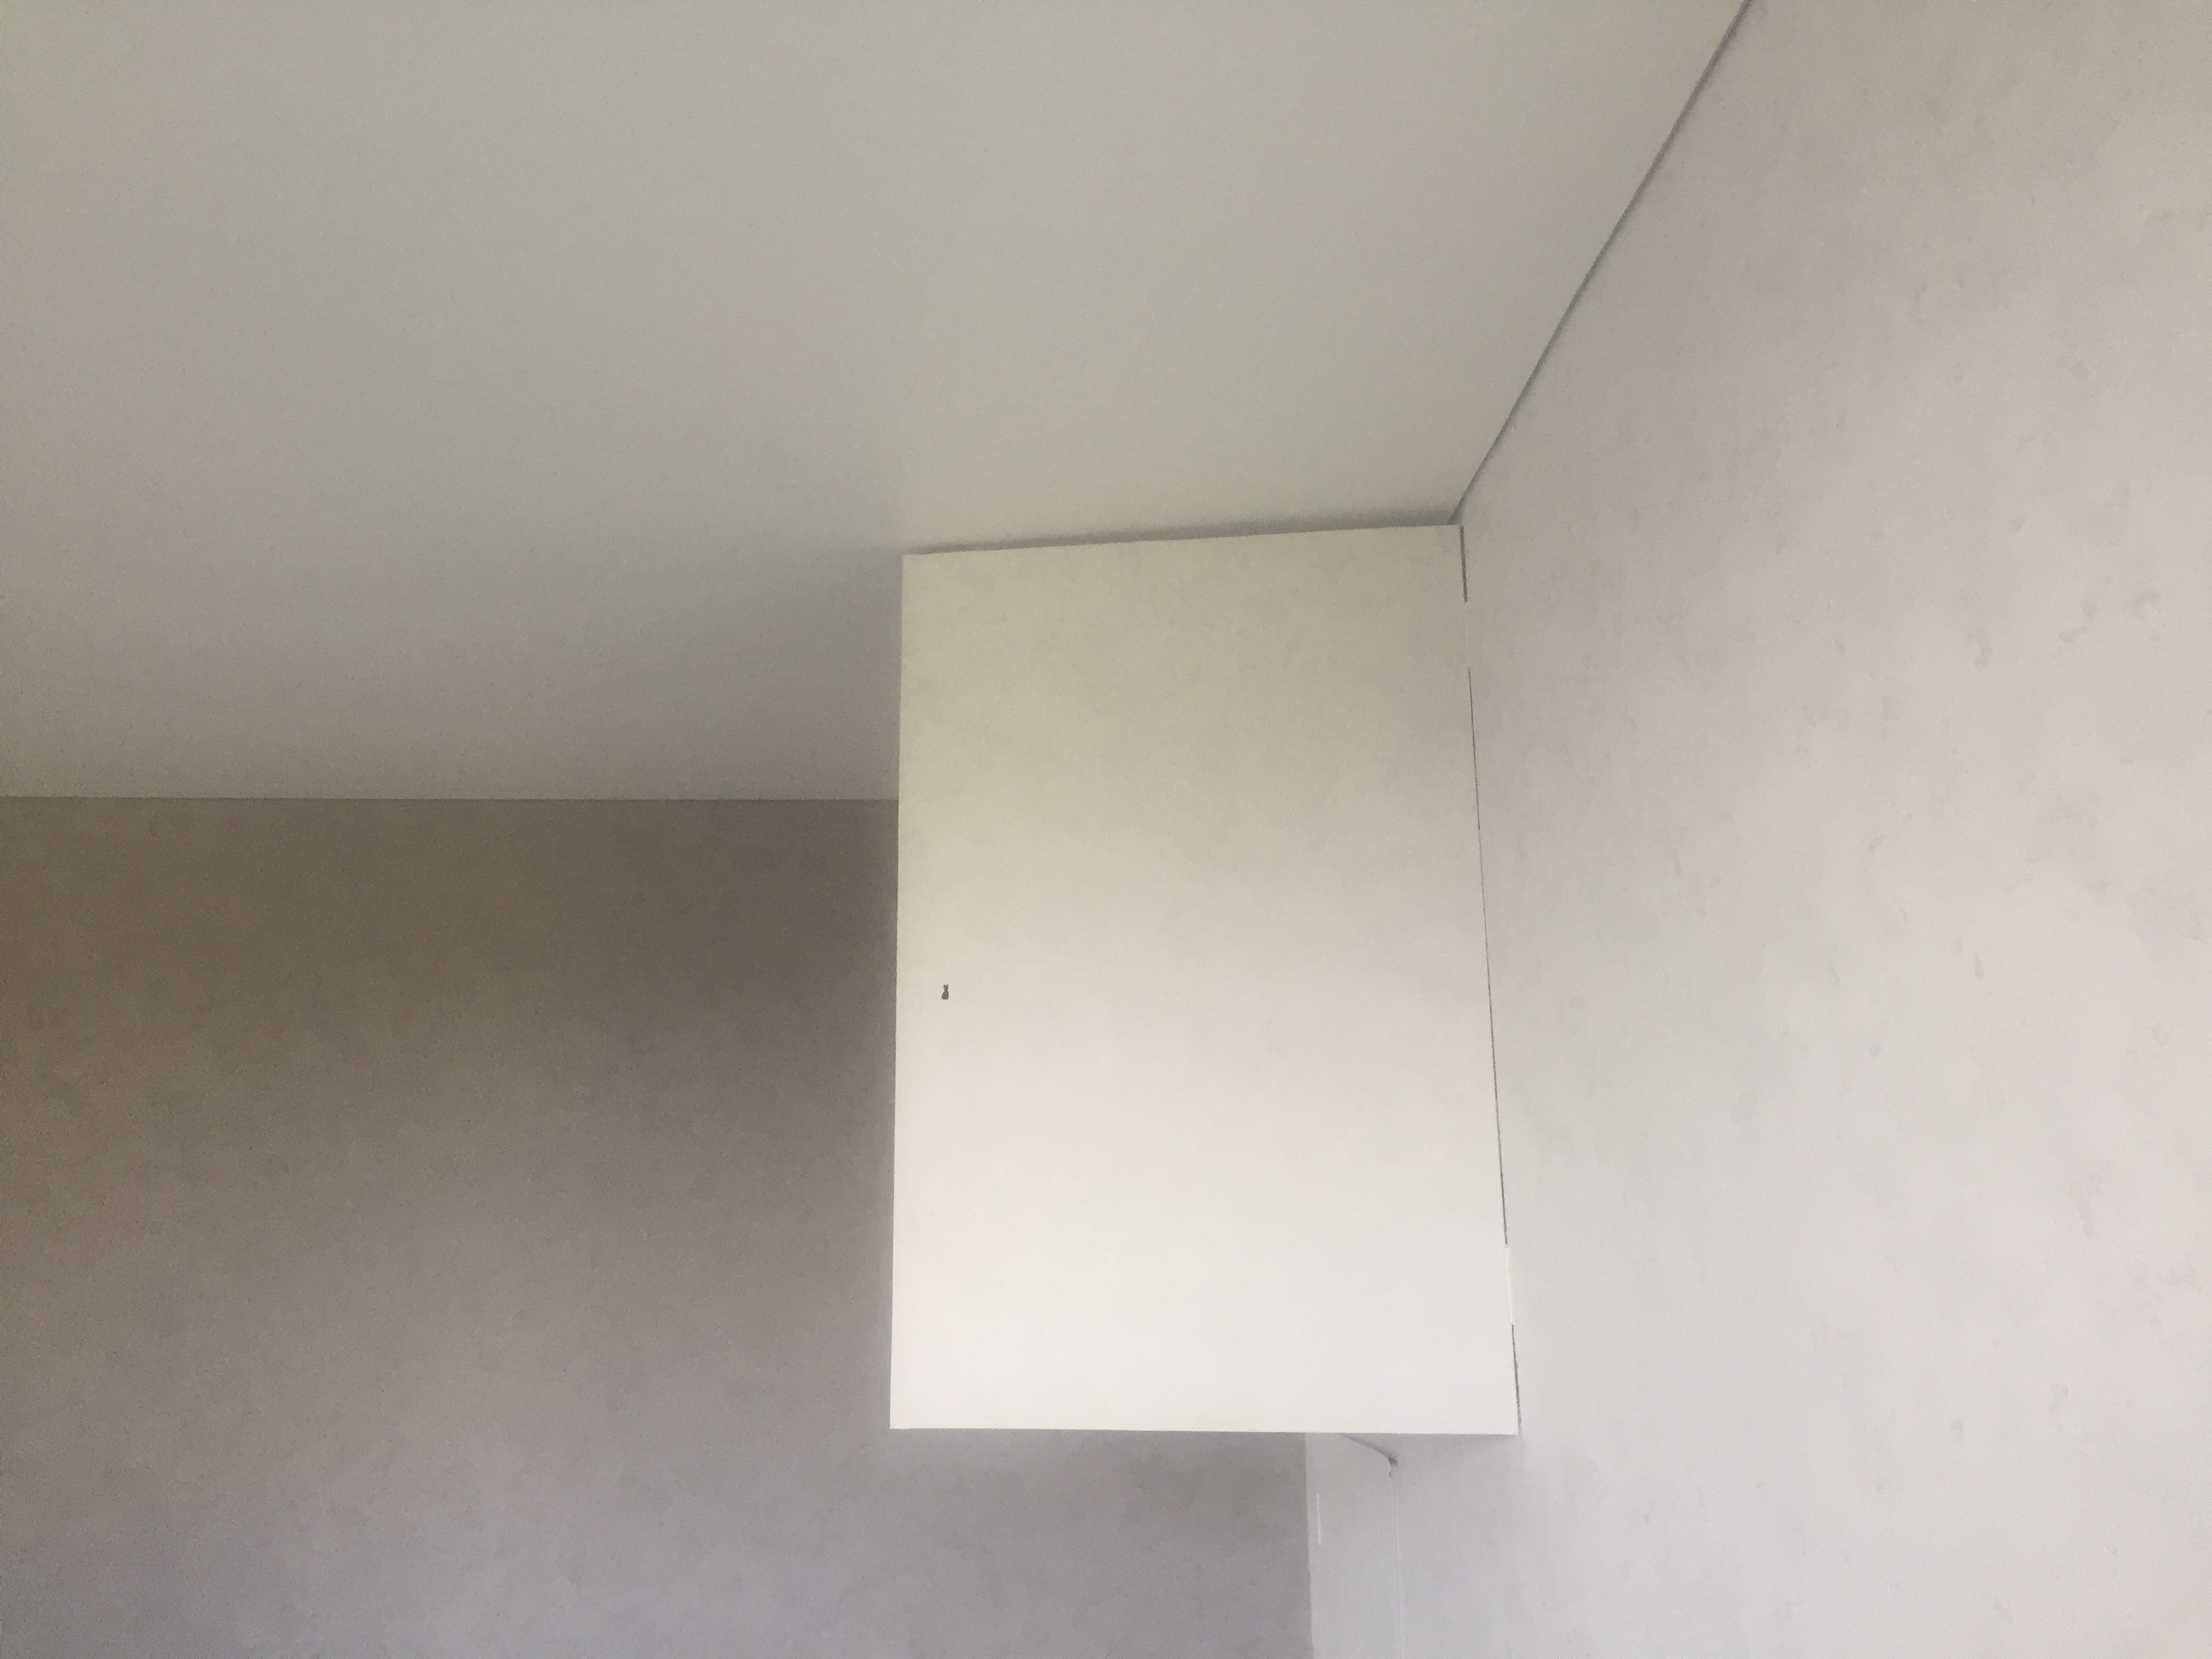 Mes r alisations steve robert peinture for Enduire un plafond au rouleau